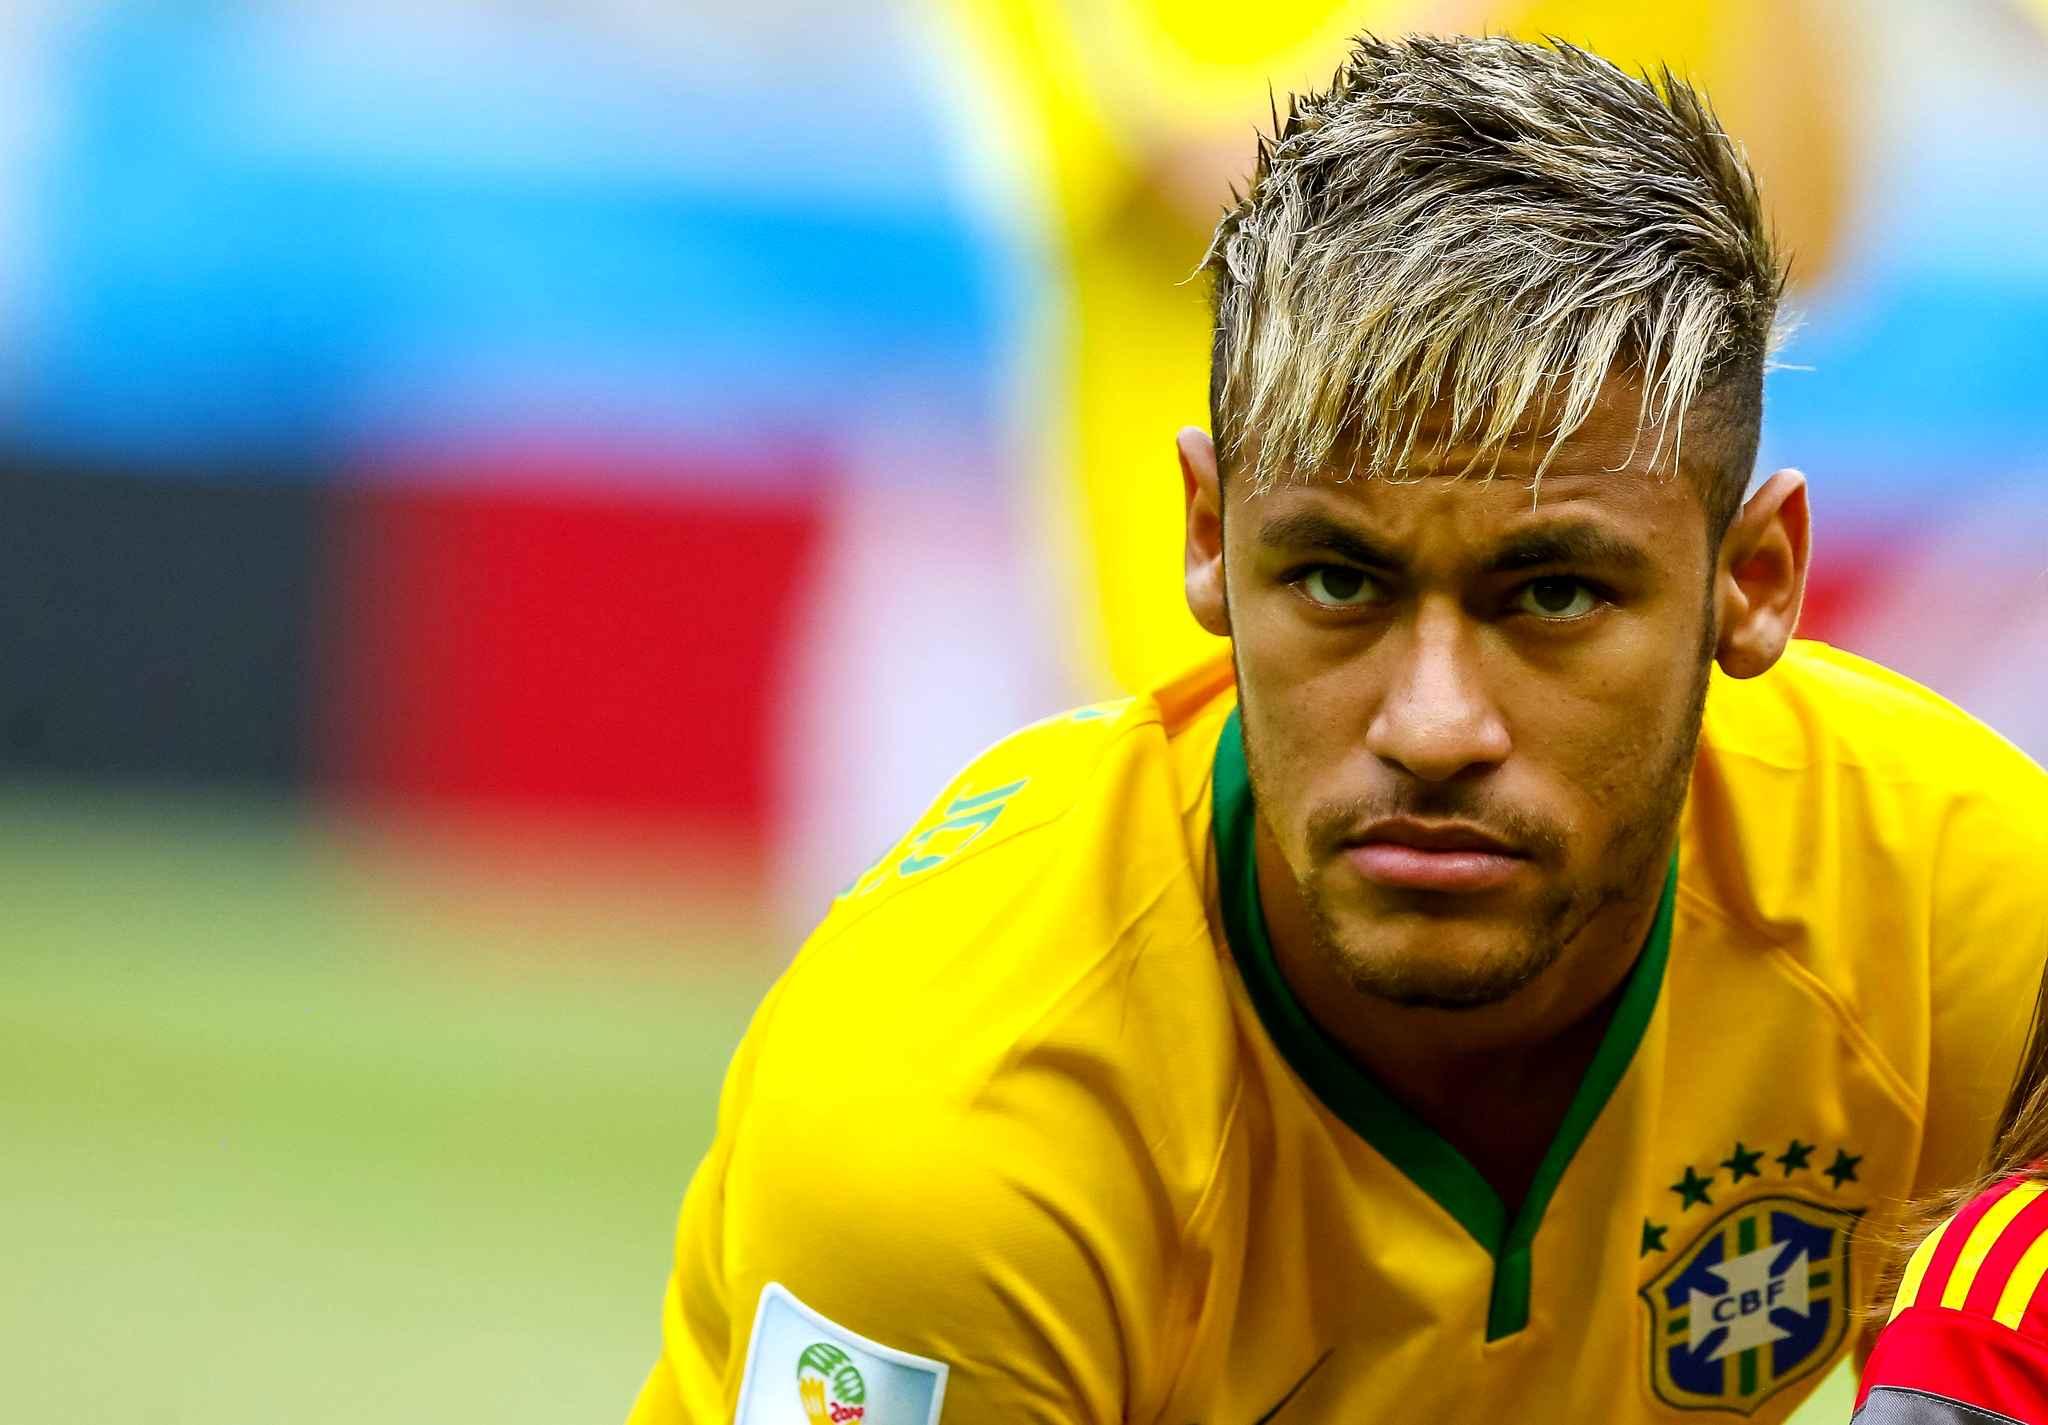 Coupe de cheveux neymar coupes de cheveux - Coupe de cheveux de footballeur ...